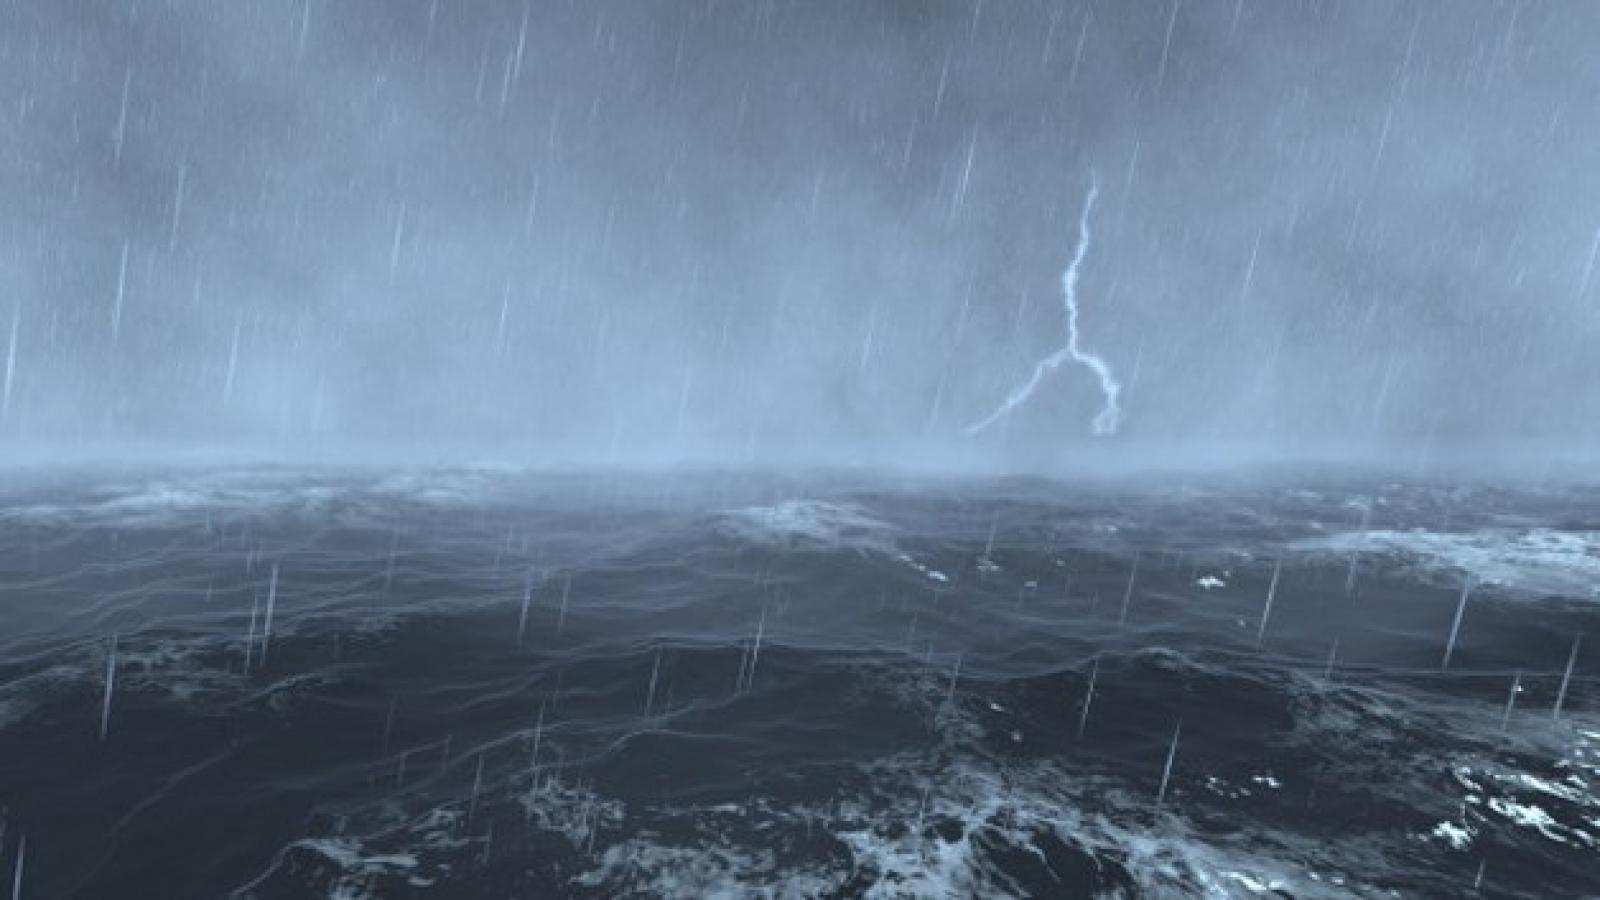 Cảnh báo mưa dông, lốc xoáy và gió giật mạnh ở khu vực Nam biển Đông